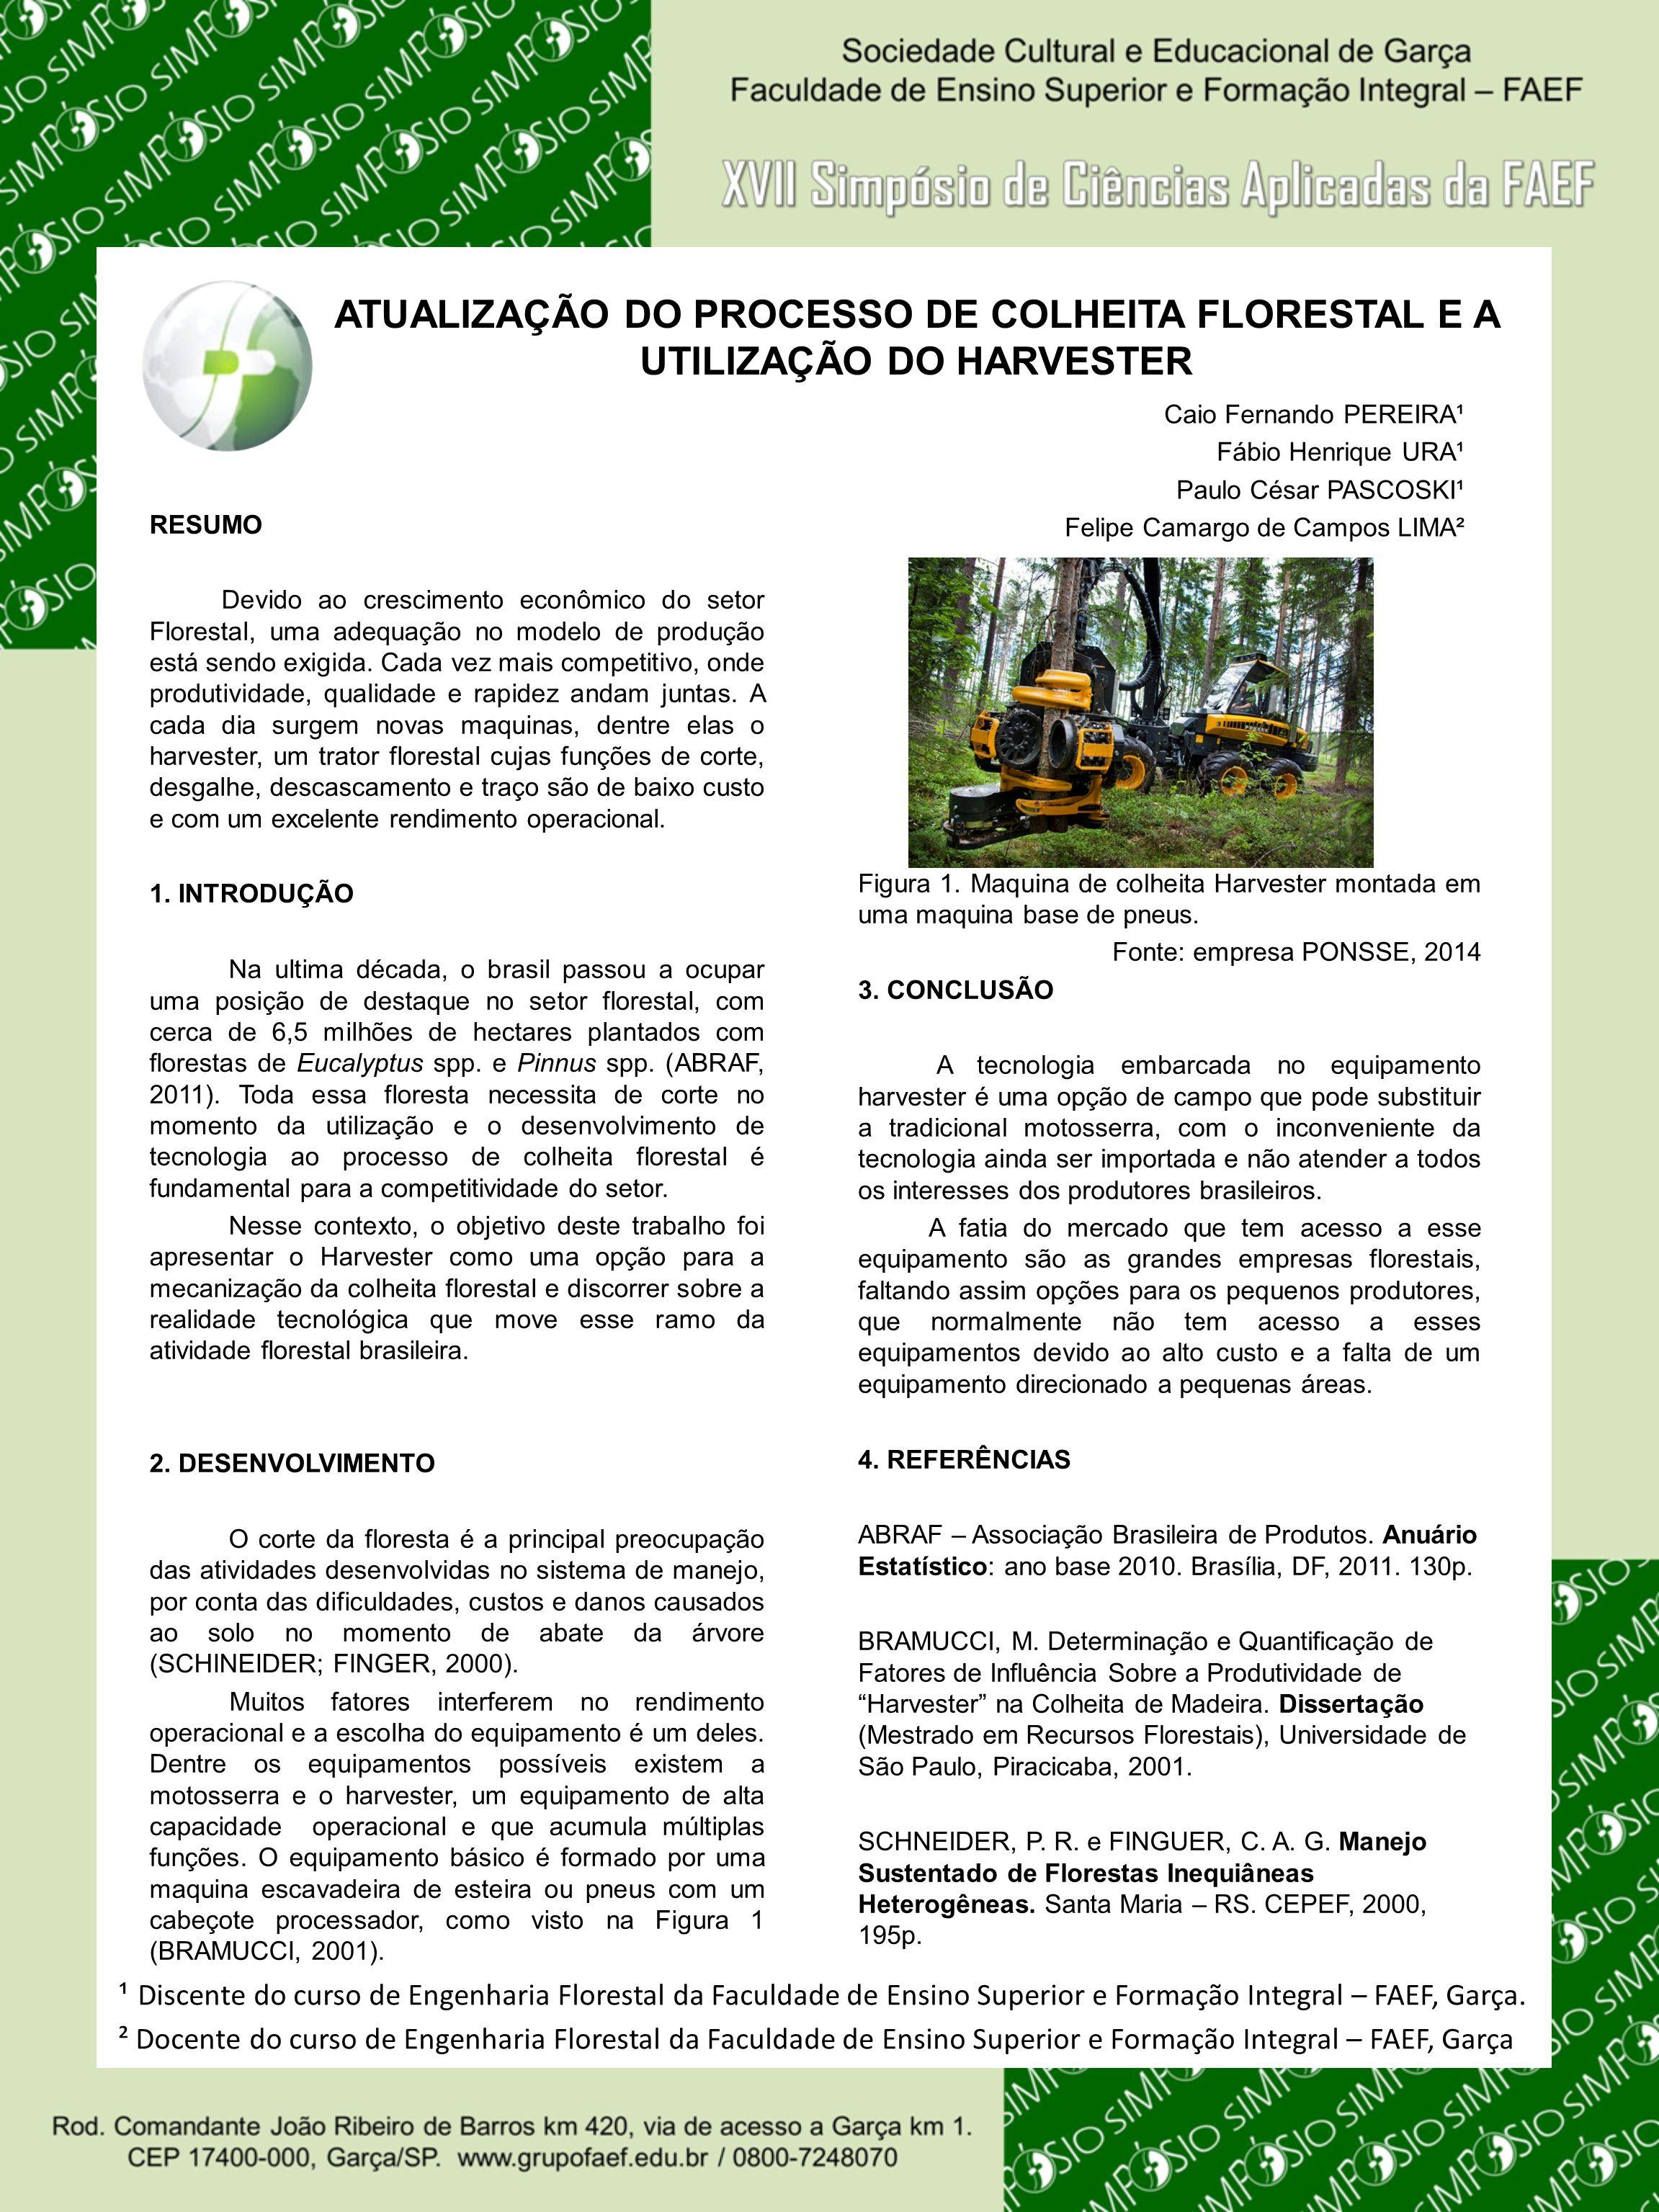 ATUALIZAÇÃO DO PROCESSO DE COLHEITA FLORESTAL E A UTILIZAÇÃO DO HARVESTER RESUMO Devido ao crescimento econômico do setor Florestal, uma adequação no modelo de produção está sendo exigida.